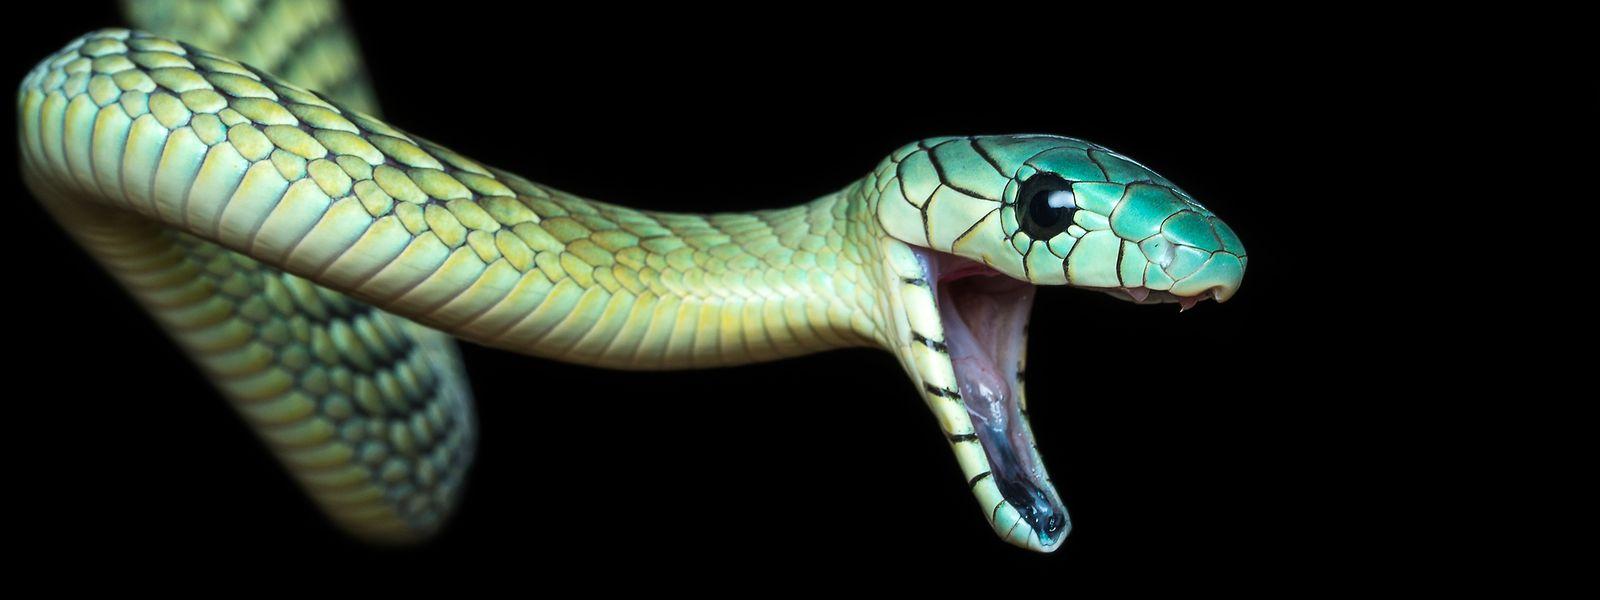 Der Angeklagte handelte in Esch/Alzette mit exotischen Tieren. Dazu zählten unter anderem auch giftige Schlangen, Skorpione und Spinnen.